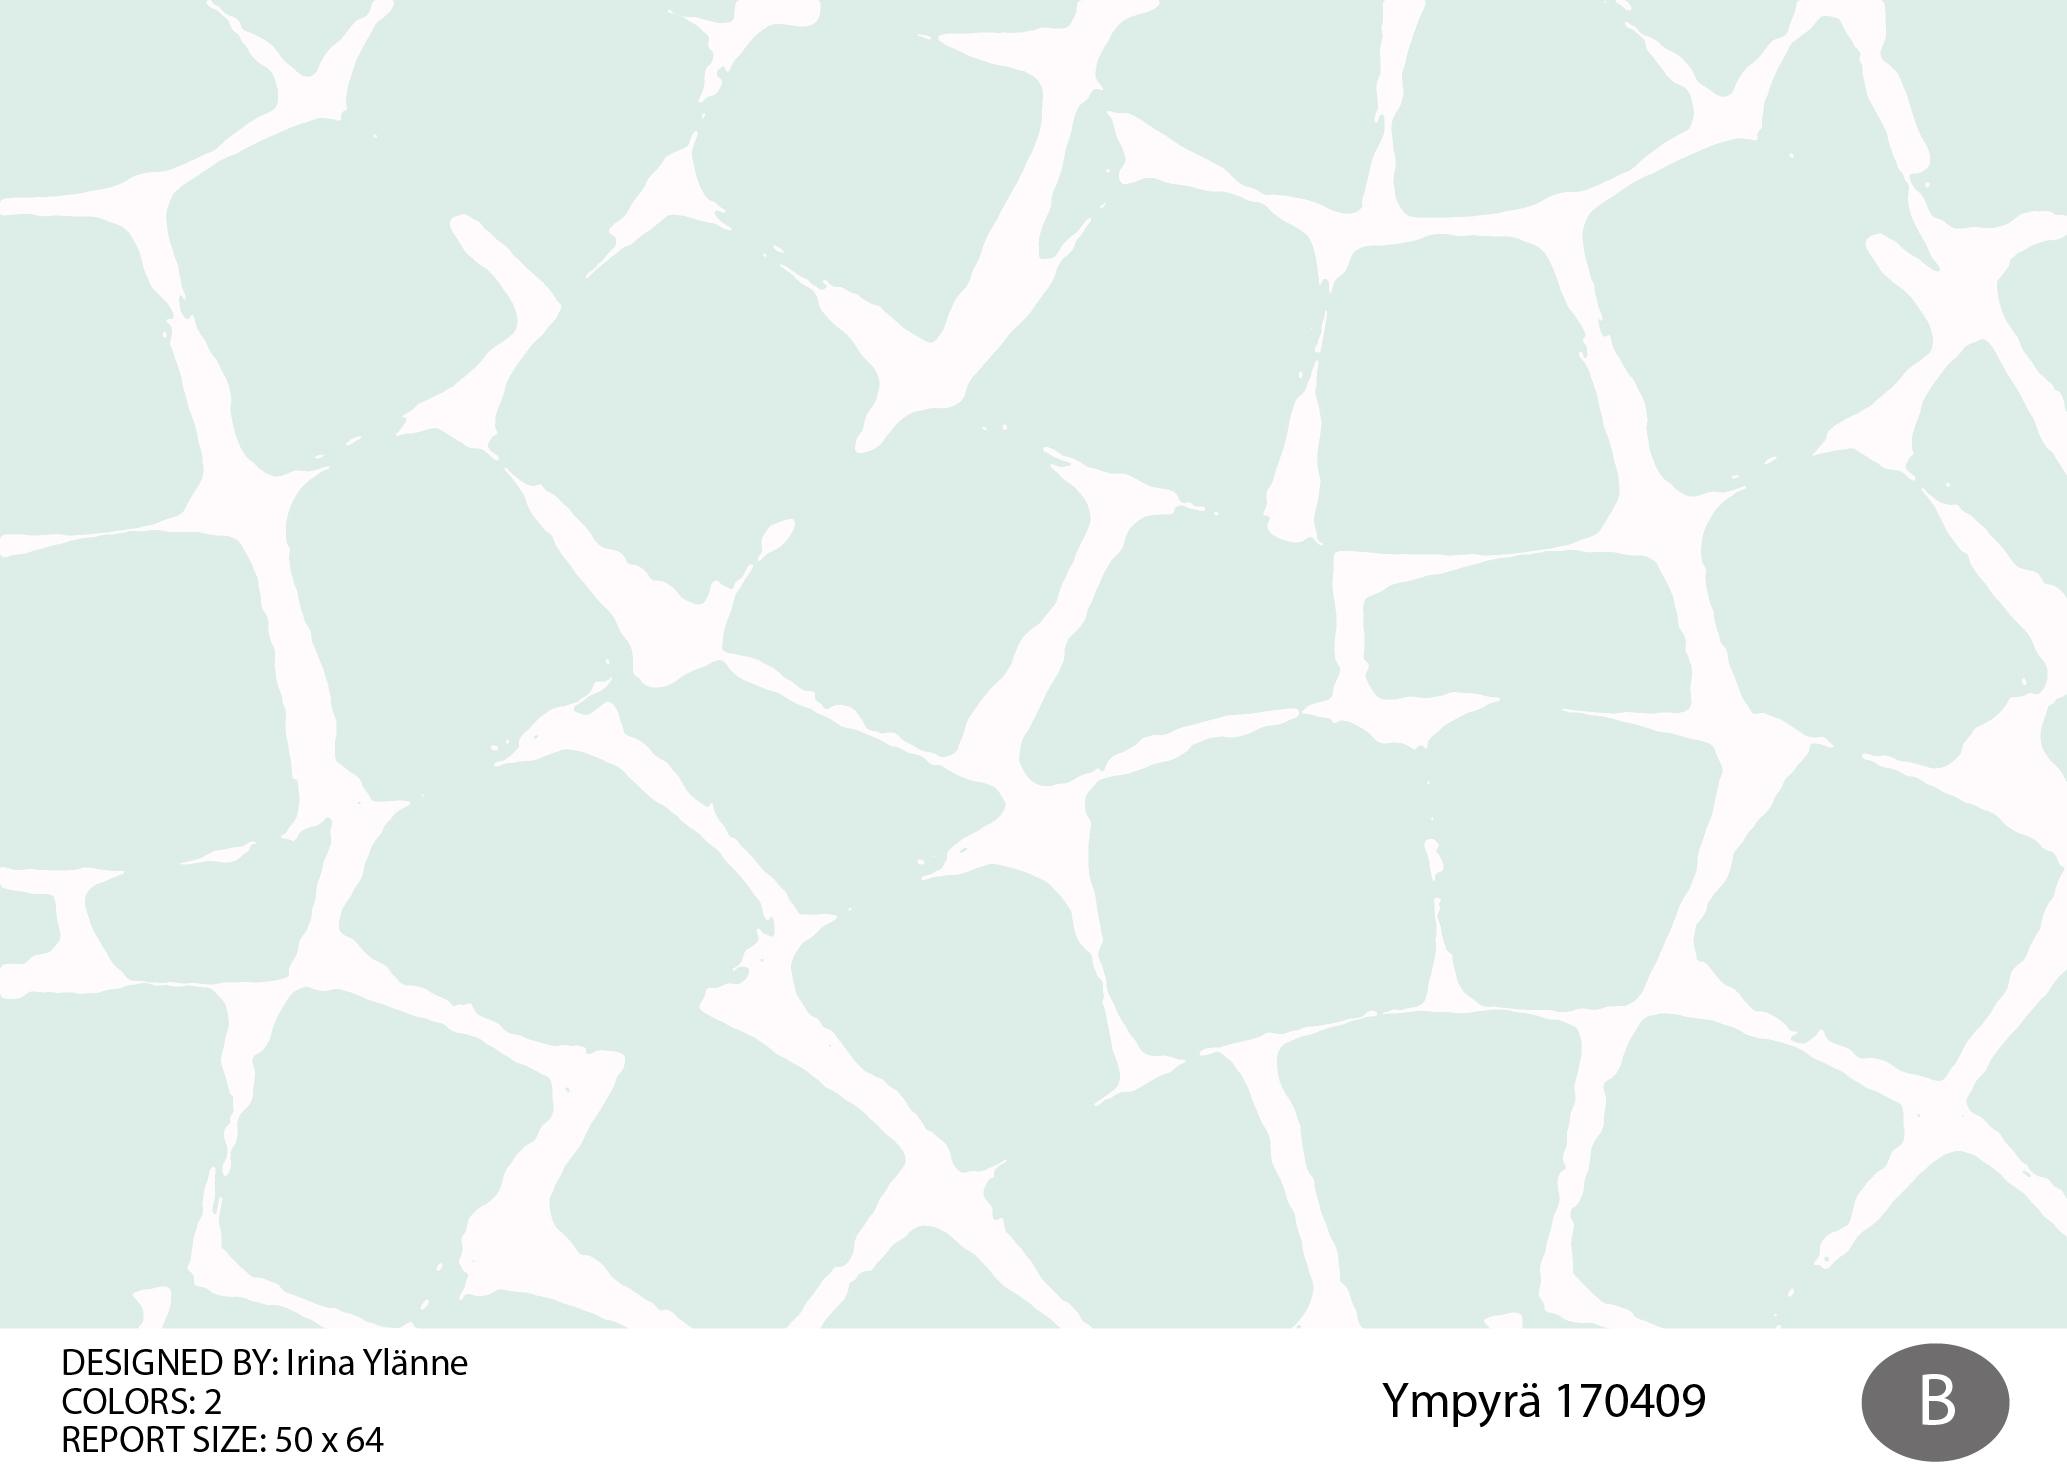 irina_Ympyrä_170409-01